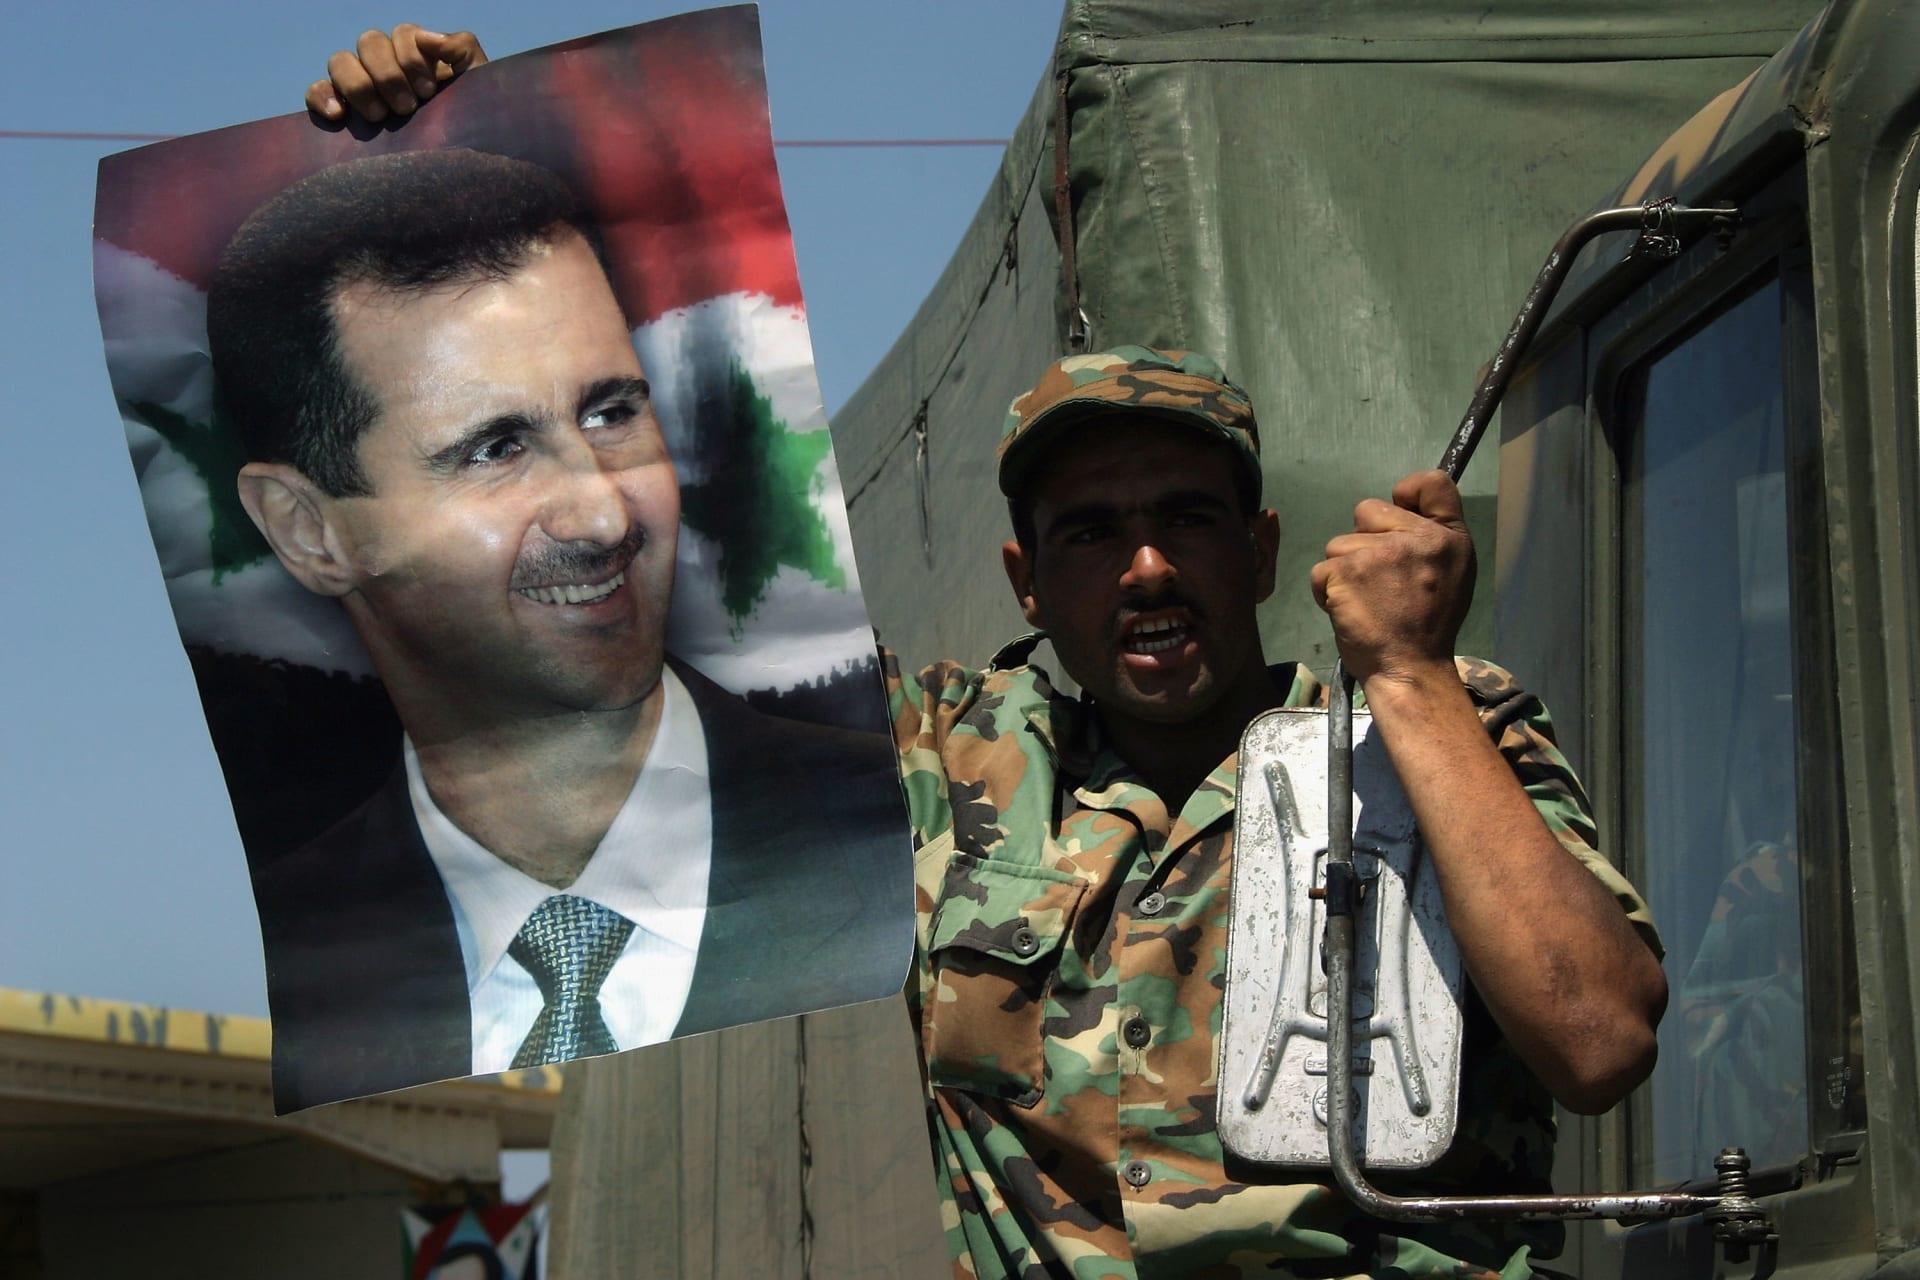 """الخزينة الأمريكية تفرض عقوبات على 18 مسؤولاً وتُدرج الجيش السوري """"وكالة محظورة"""" إثر استخدام الأسلحة الكيماوية في سوريا"""